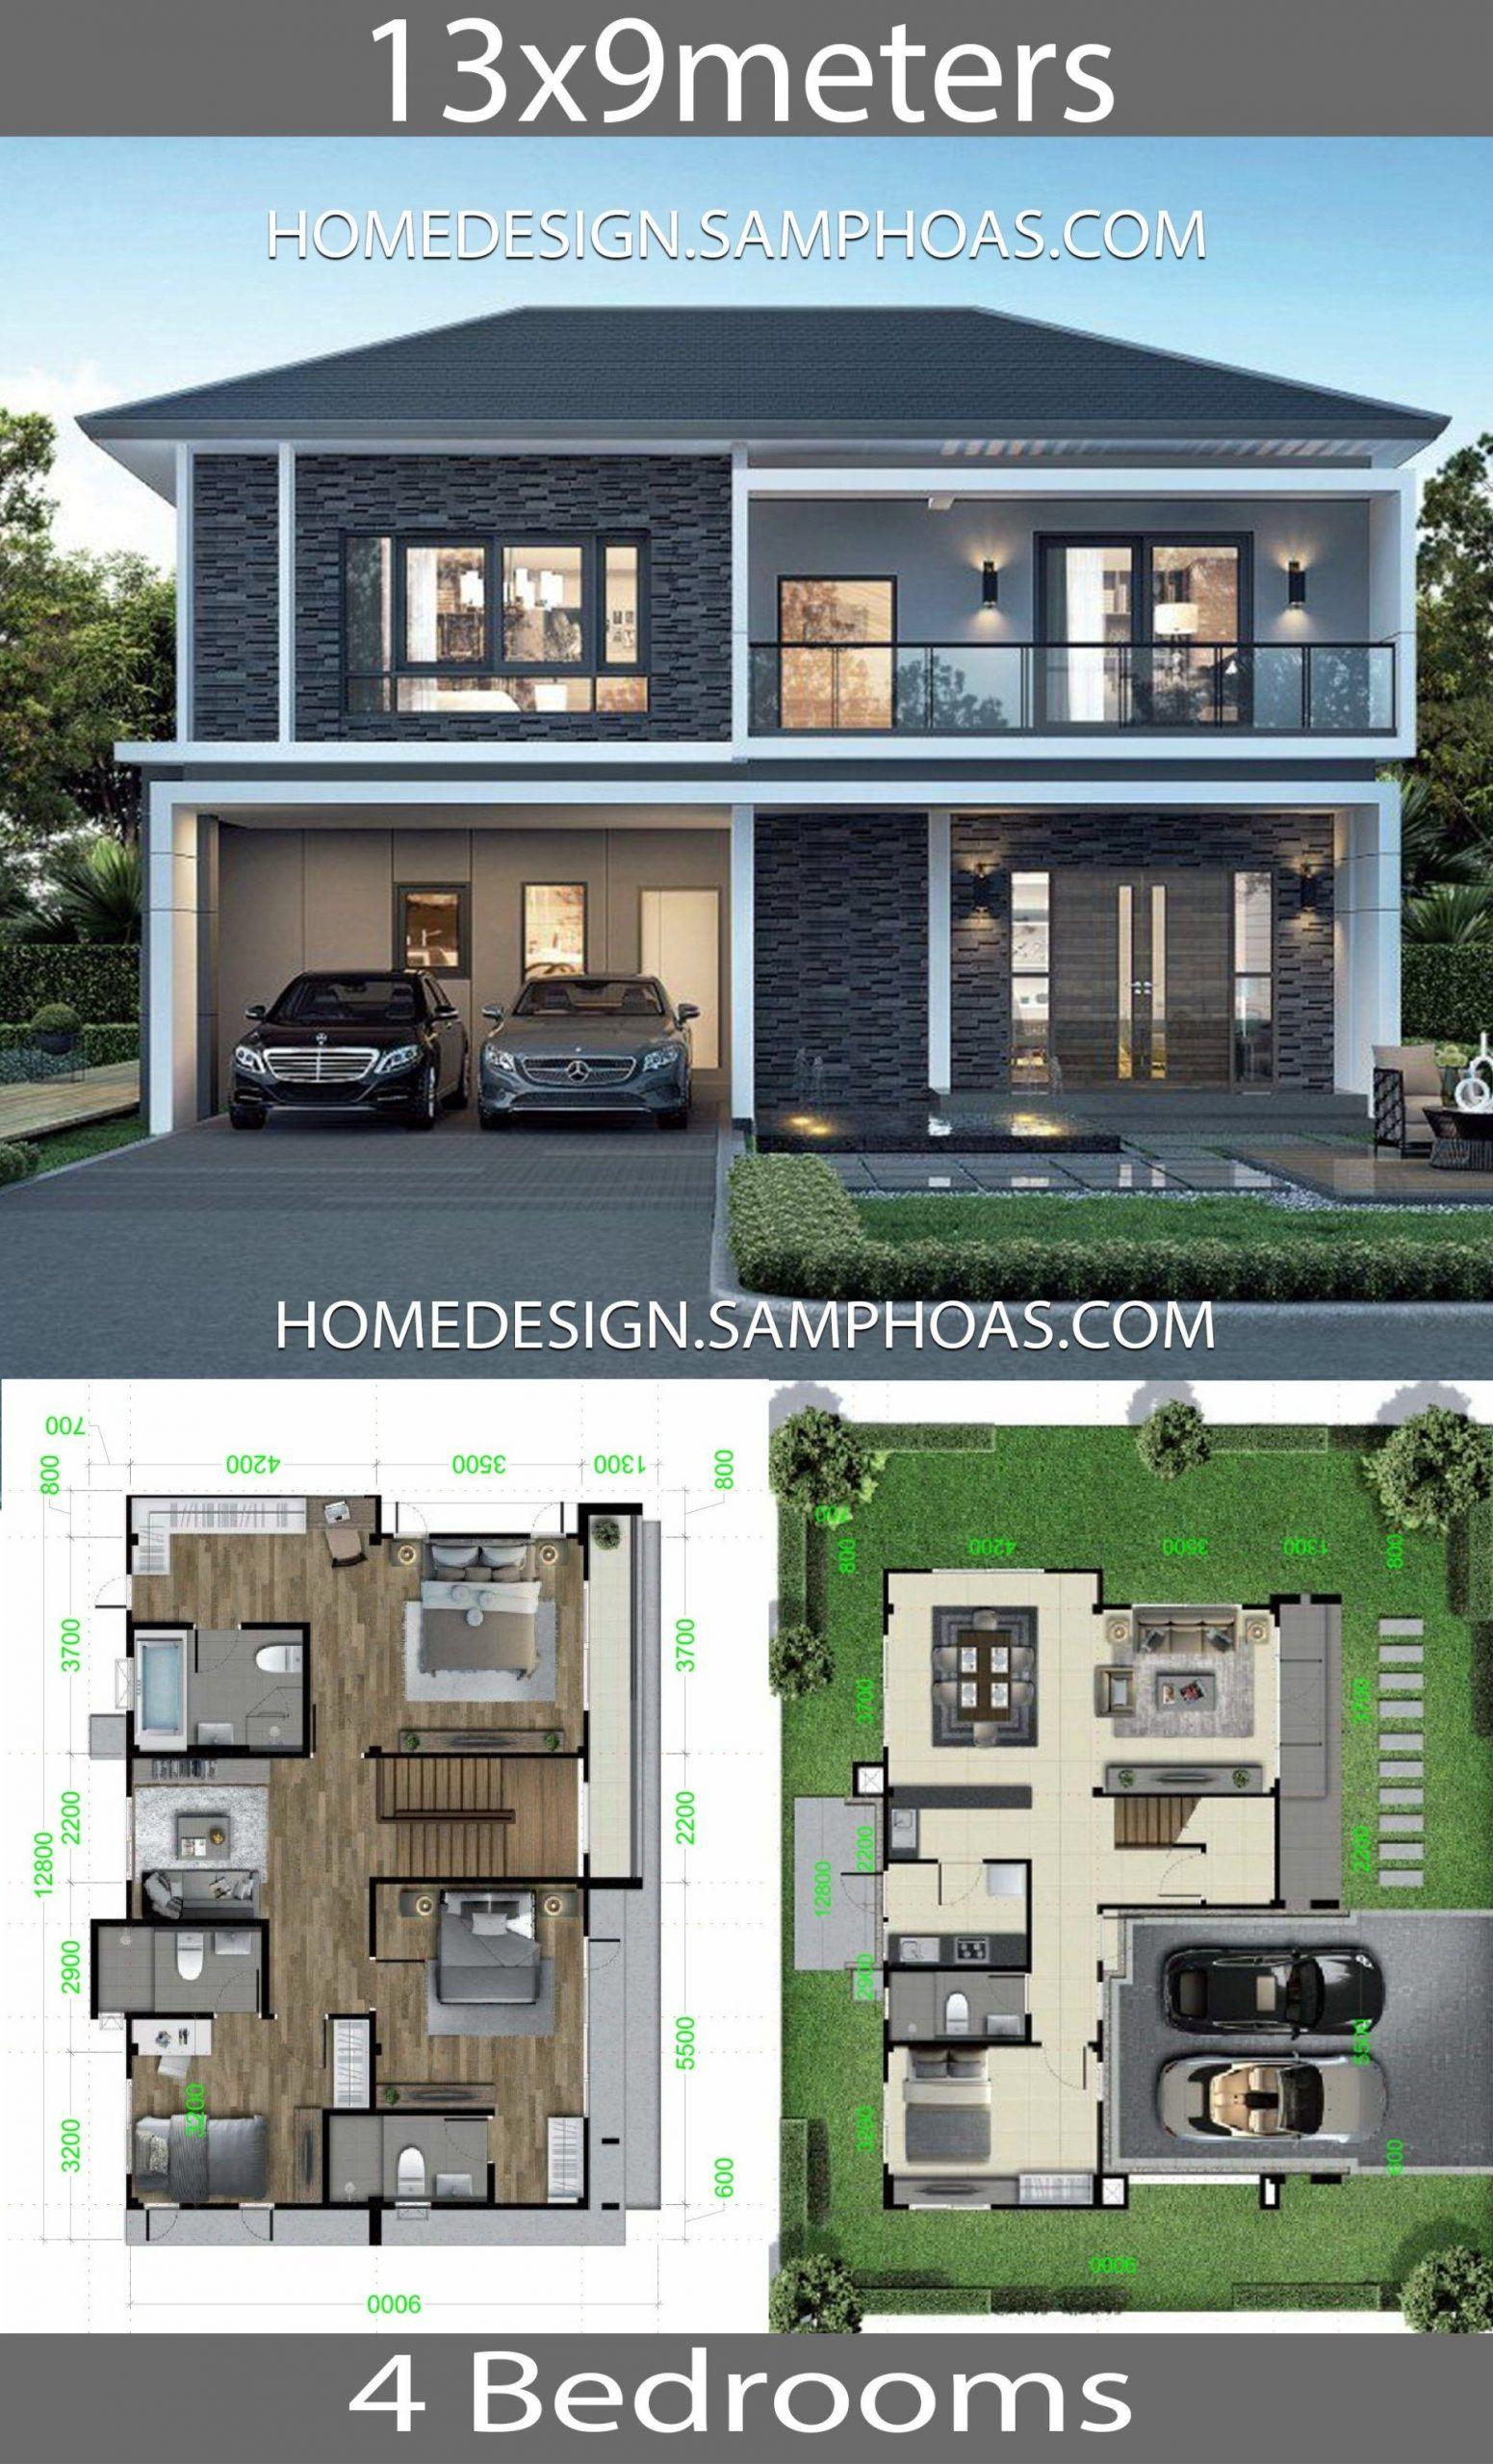 4 Bedroom Bungalow Architectural Design New Home Design Plan 13x9m With 4 Bedrooms Desain Rumah 2 Lantai Tata Letak Rumah Denah Rumah 3d